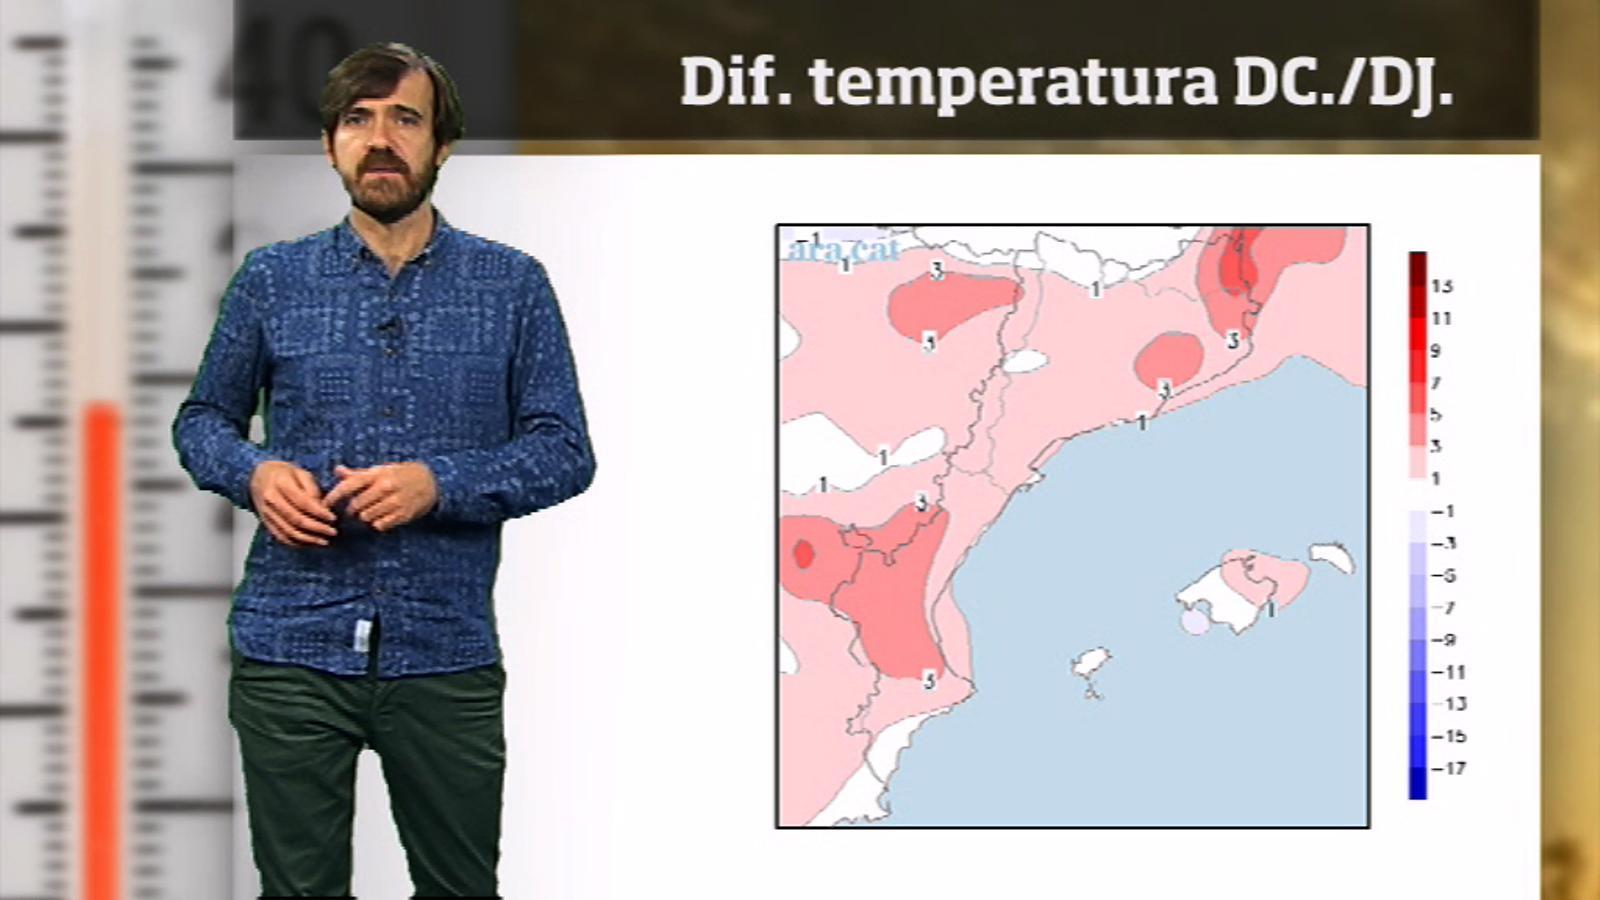 La méteo en 1 minut: calor d'estiu a l'octubre